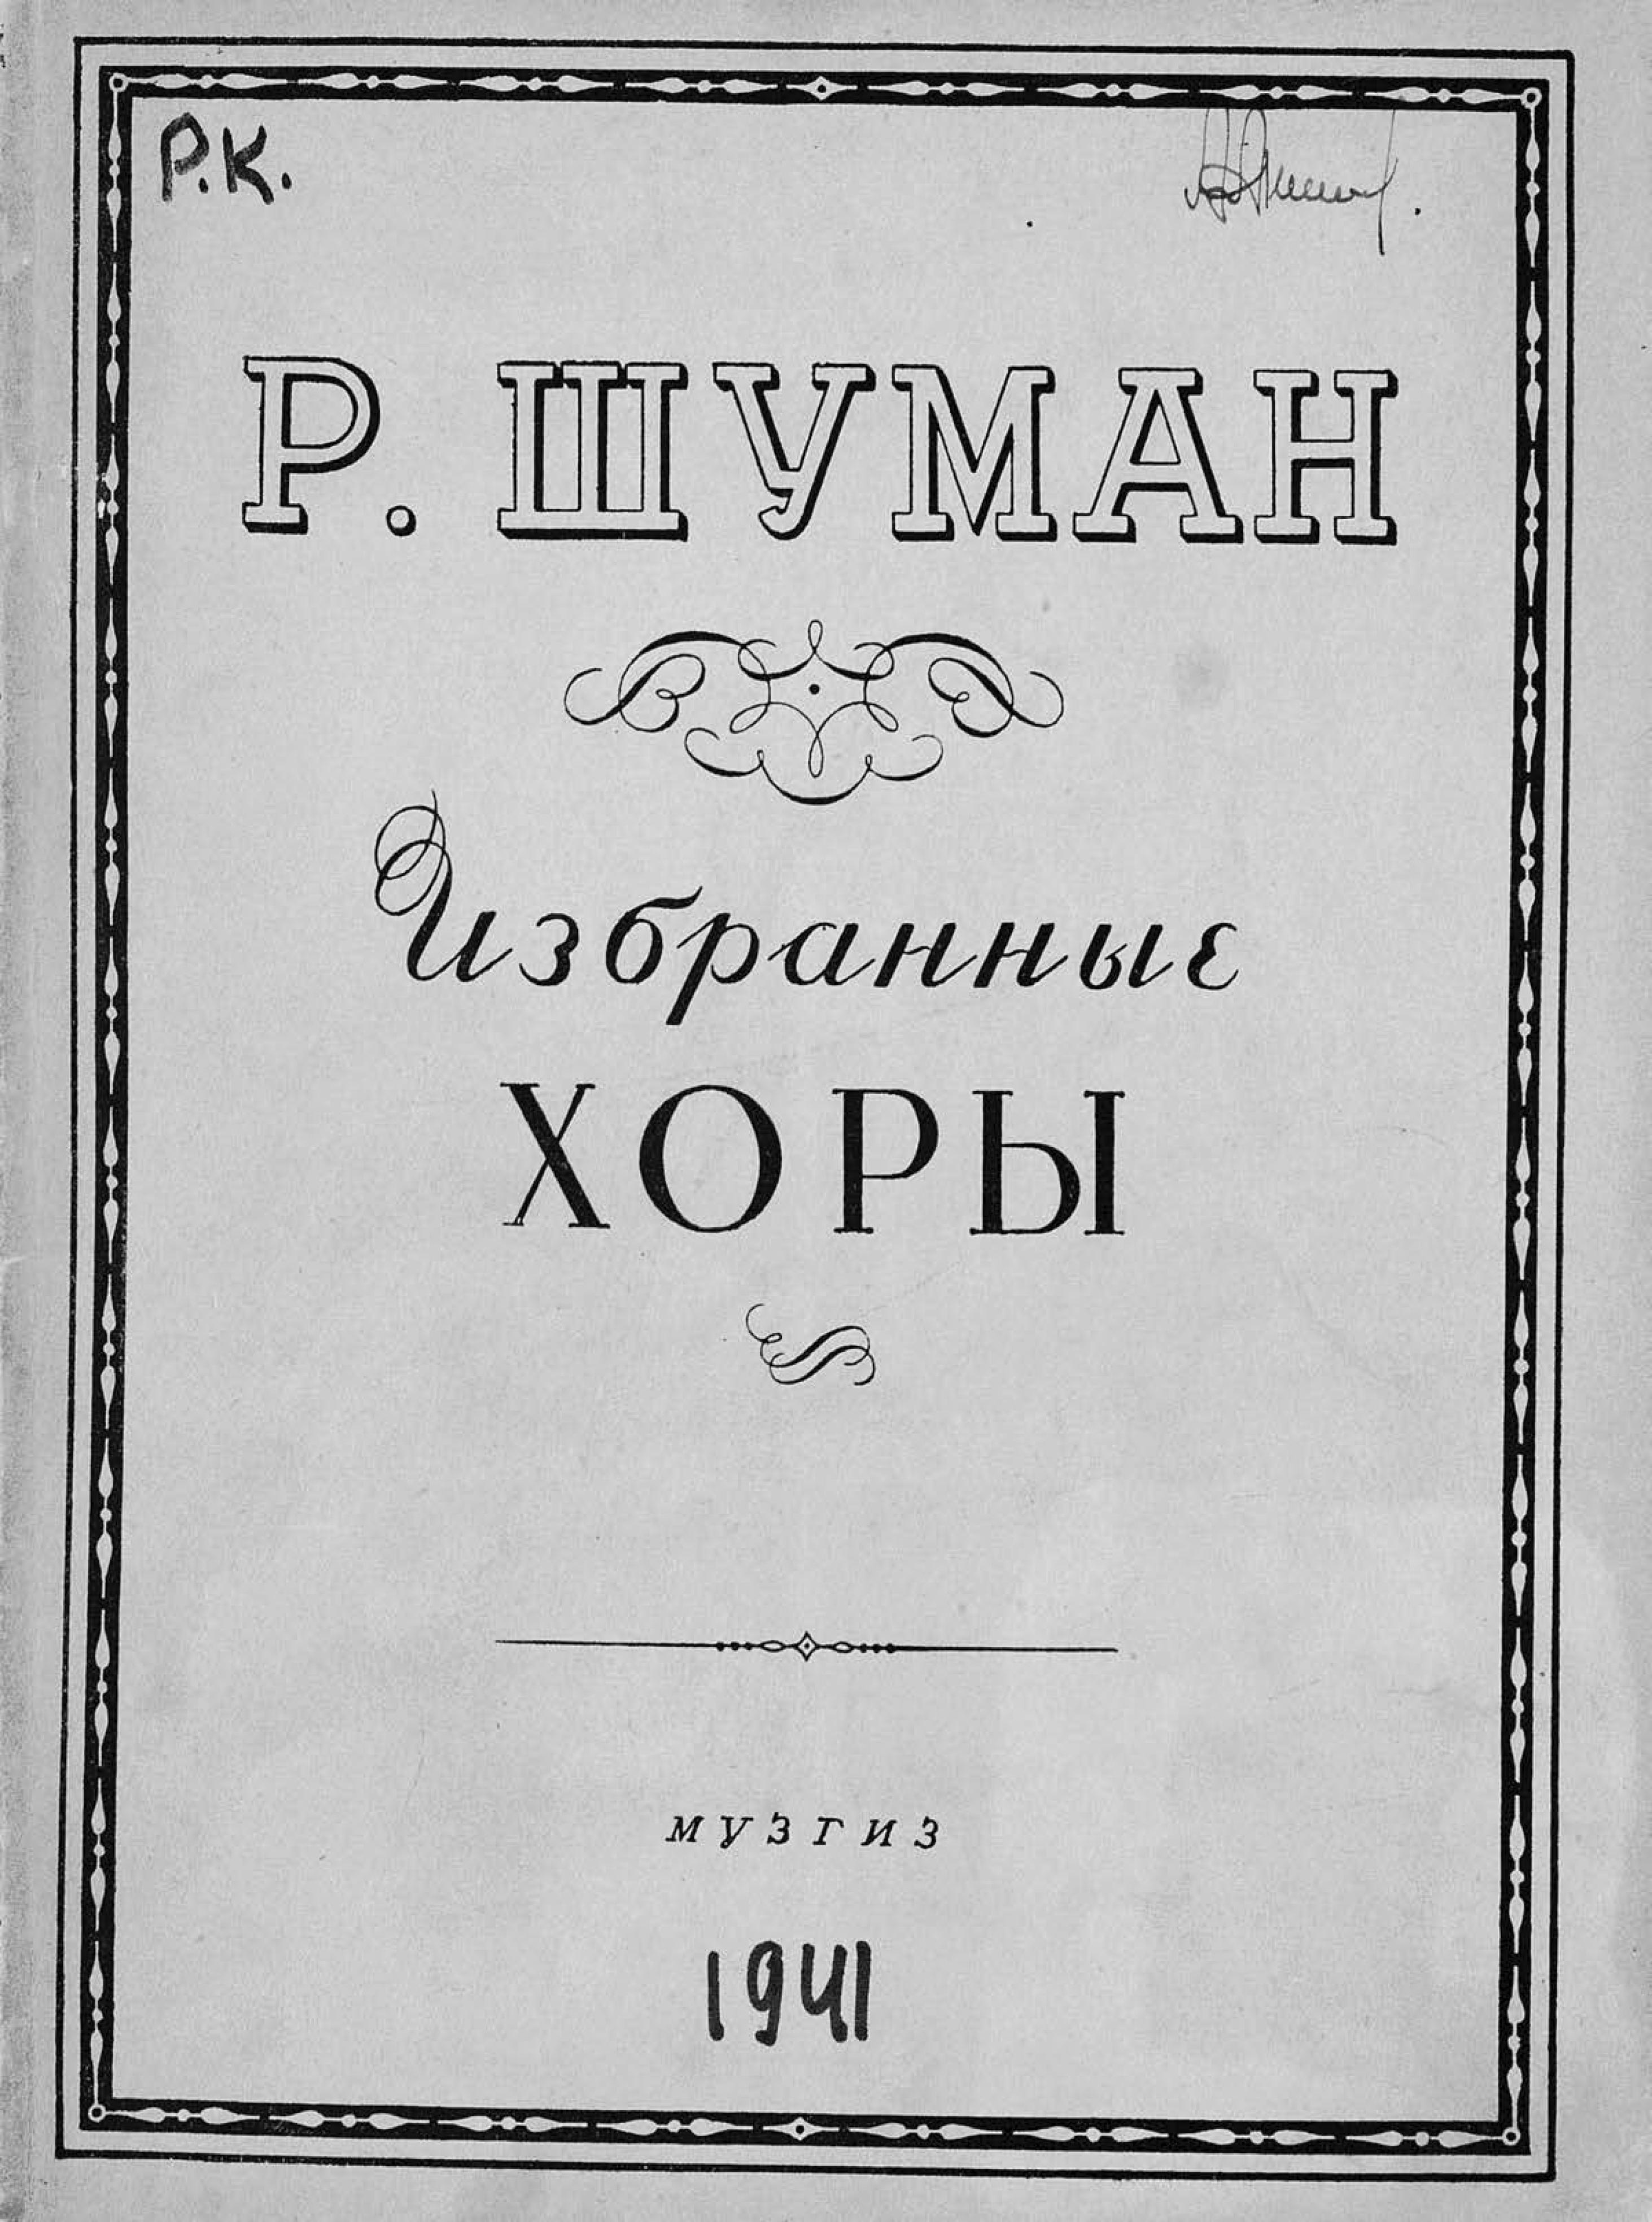 Роберт Шуман Избранные хоры для смешанных голосов яков дубравин дубравин ищу в природе красоту женские хоры